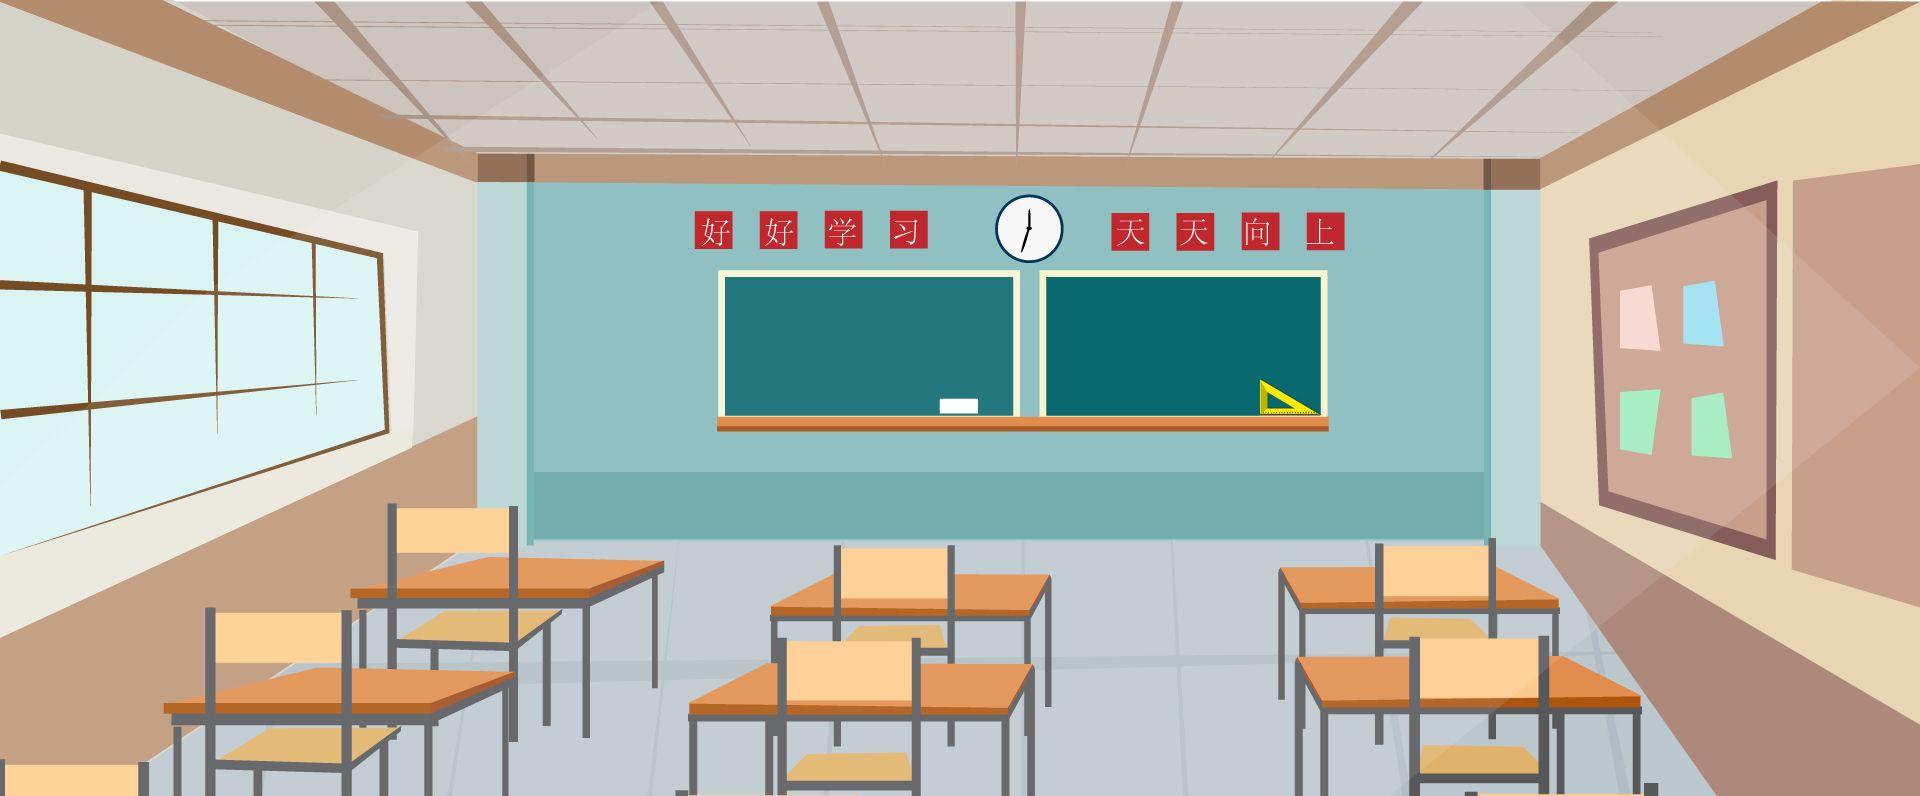 تصميم التوقيع رمز الأعمال الخلفية Classroom Background Classroom School Classroom